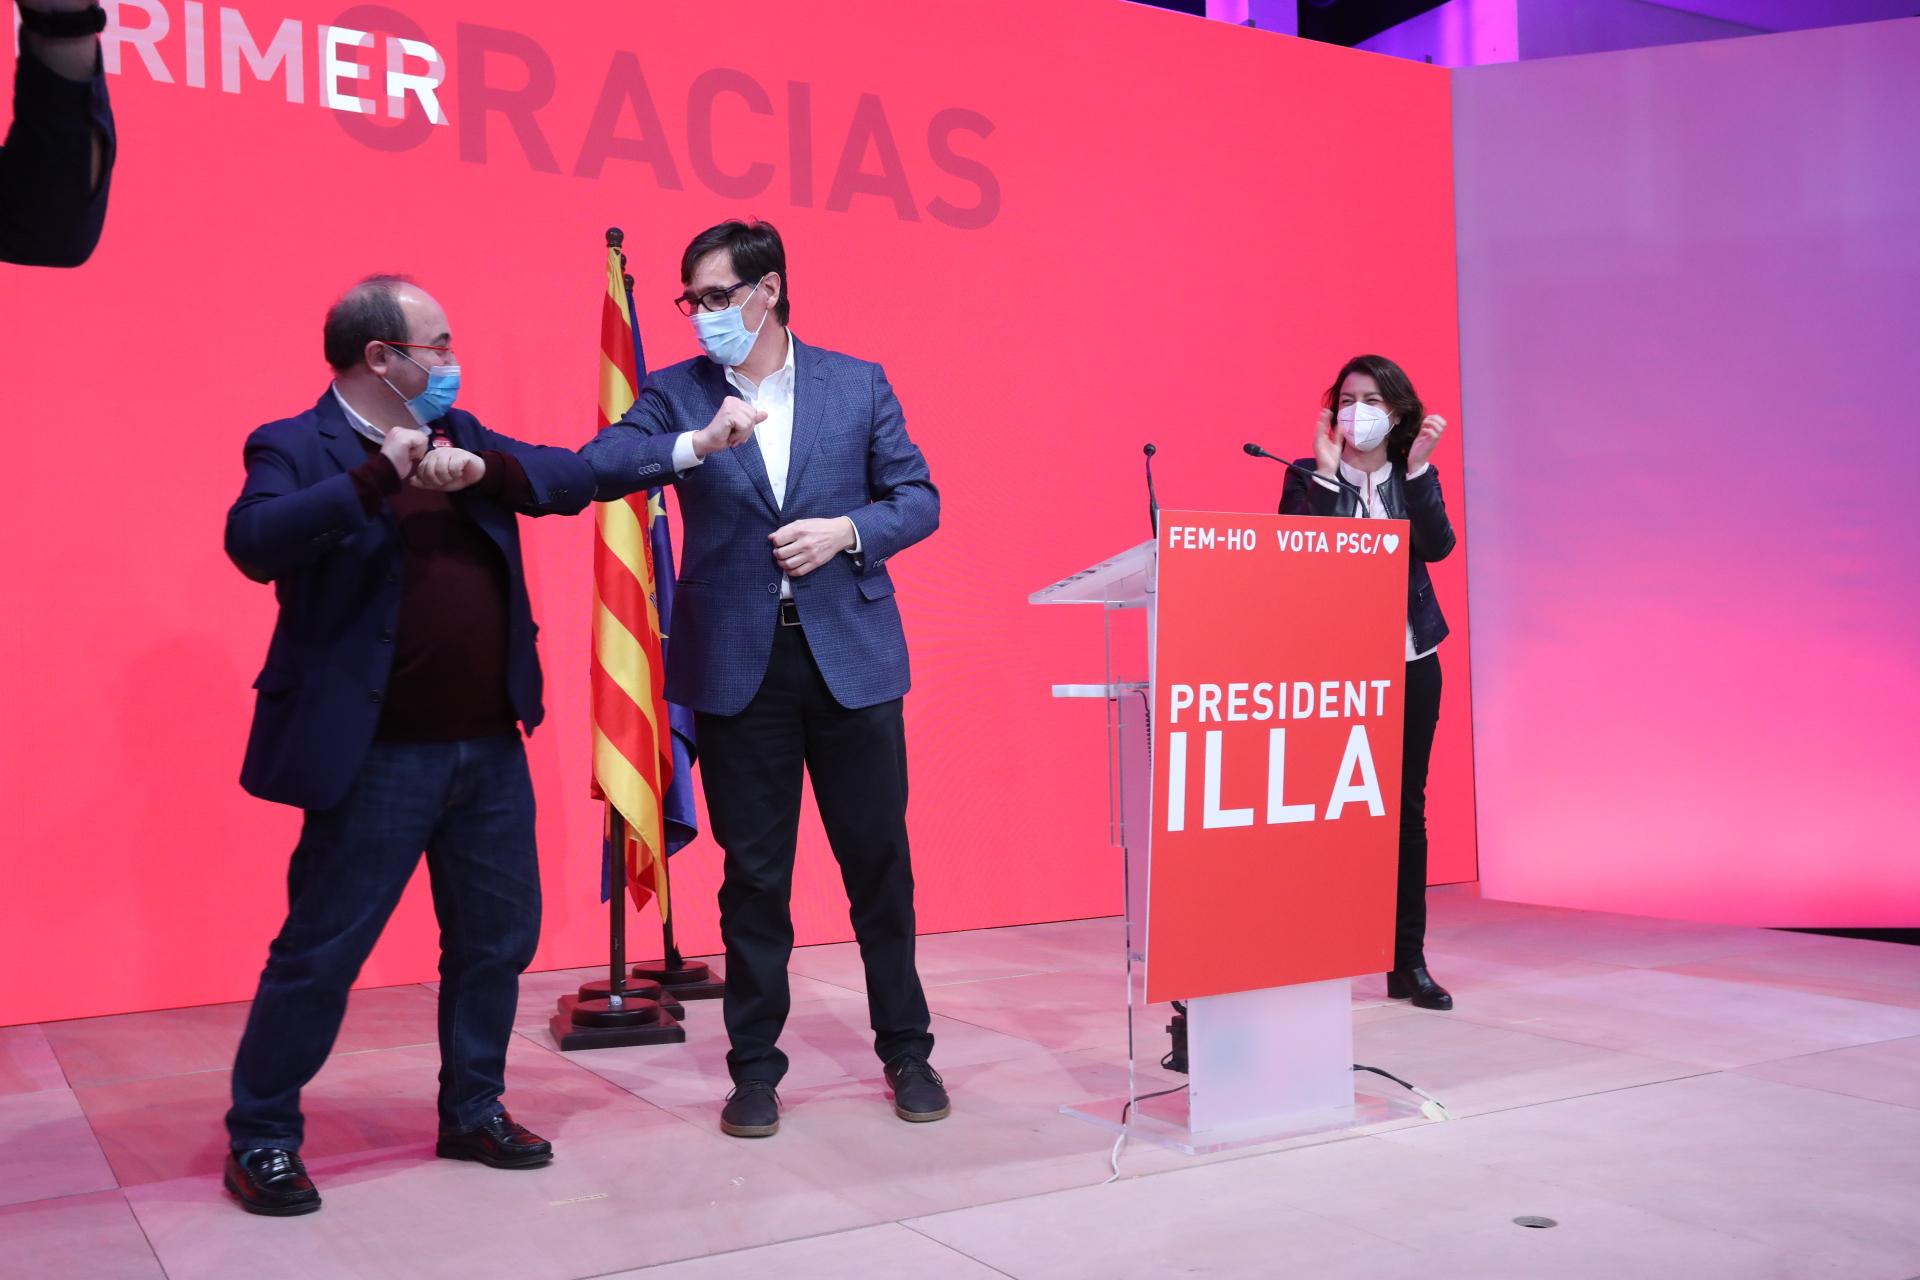 El PSC, liderado por Salvador Illa, fue la fuerza política más votada / Foto: PSC